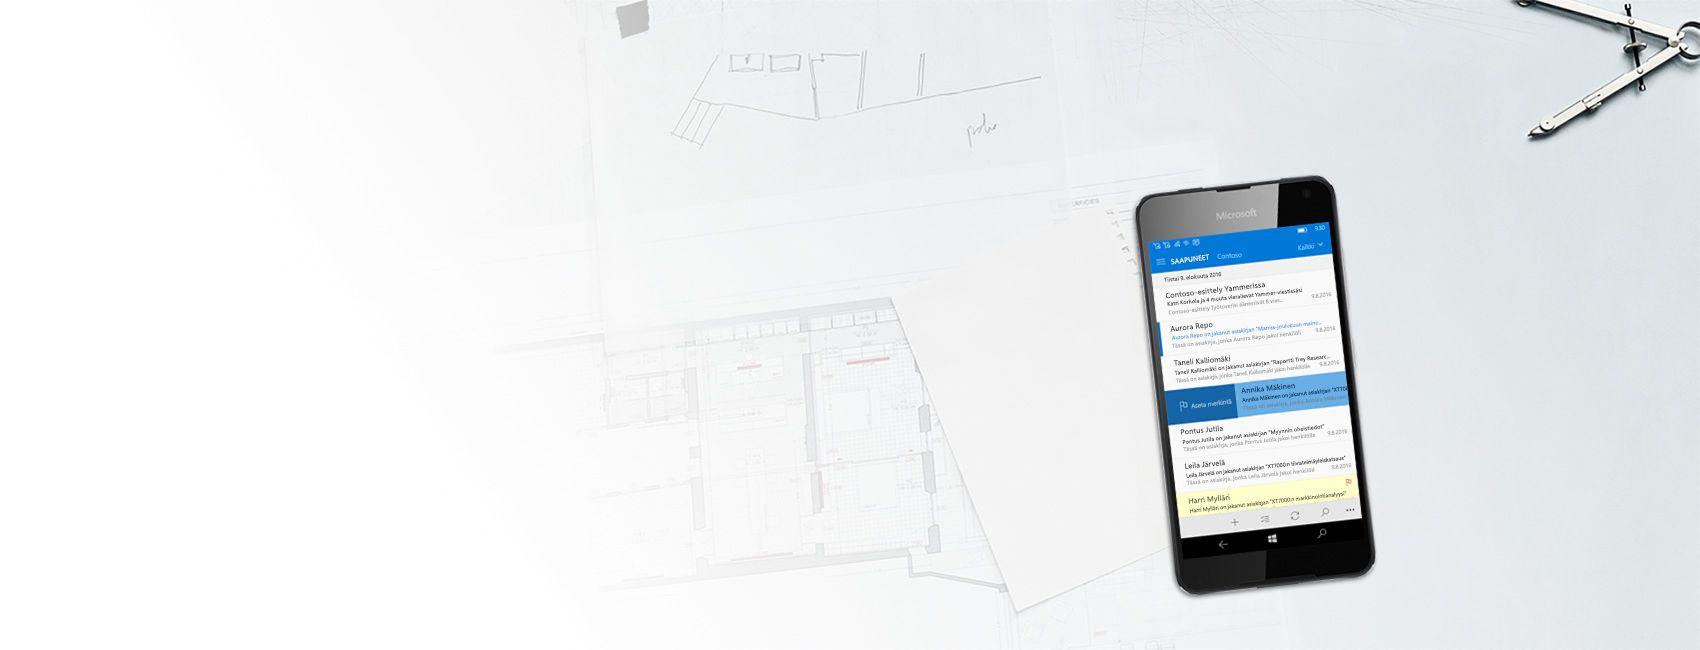 Windows-puhelin, jossa näkyy sähköpostin Saapuneet-kansio Outlook Windows 10 Mobilessa